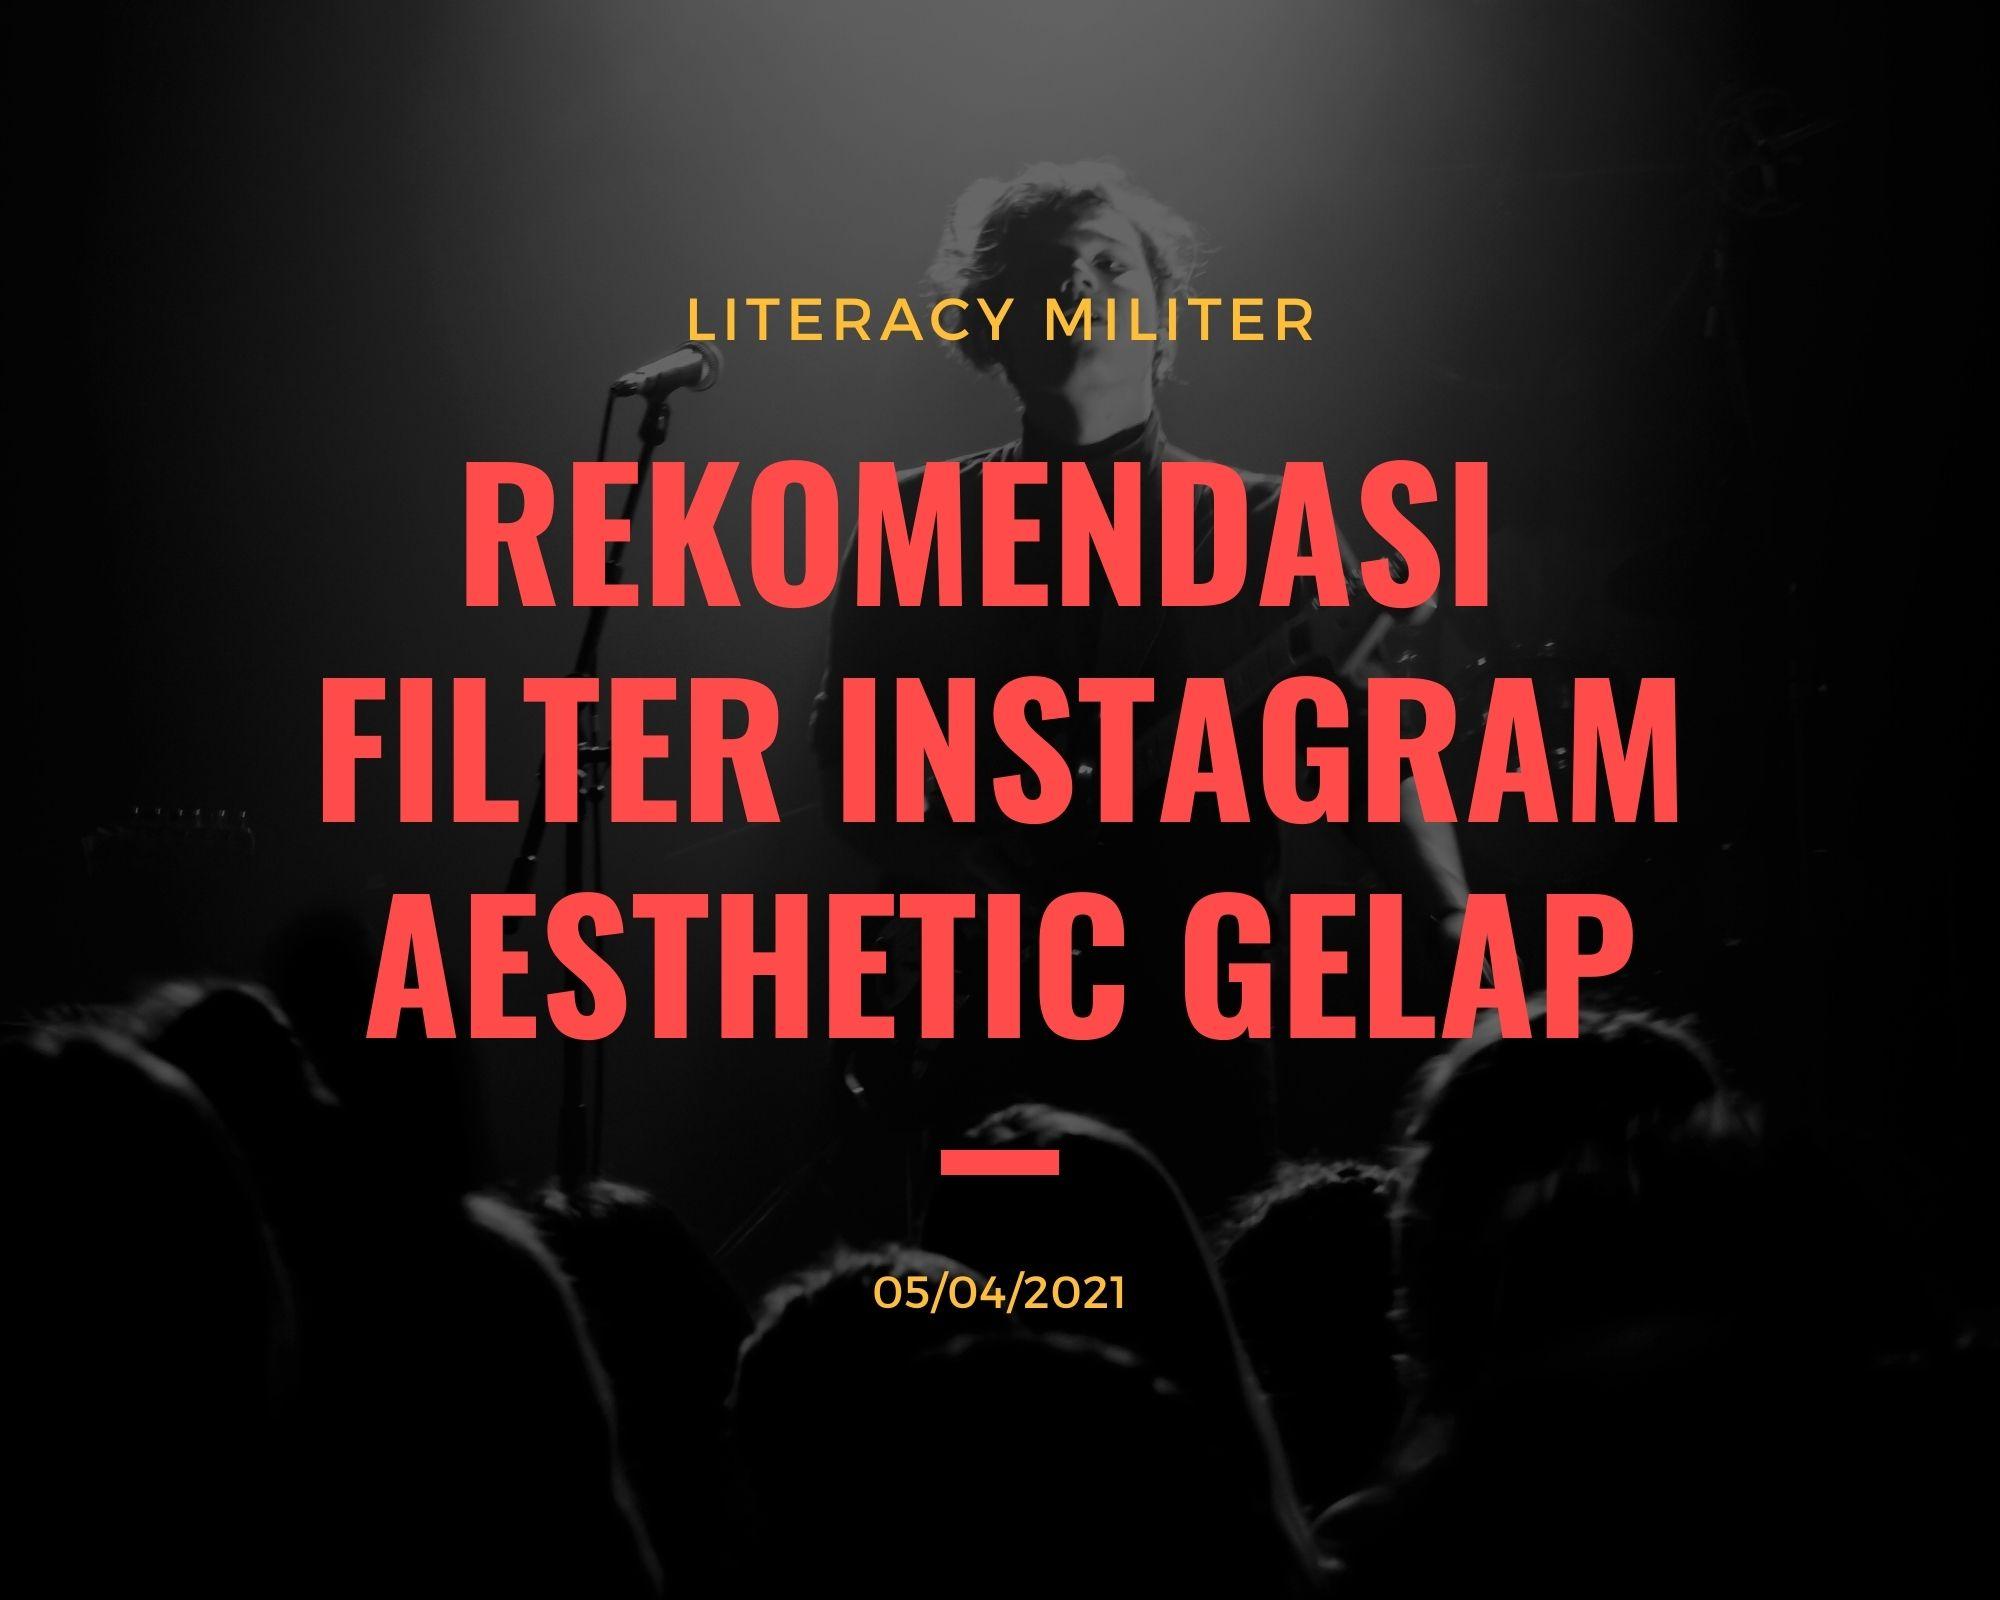 Rekomendasi Filter Instagram Aesthetic Gelap